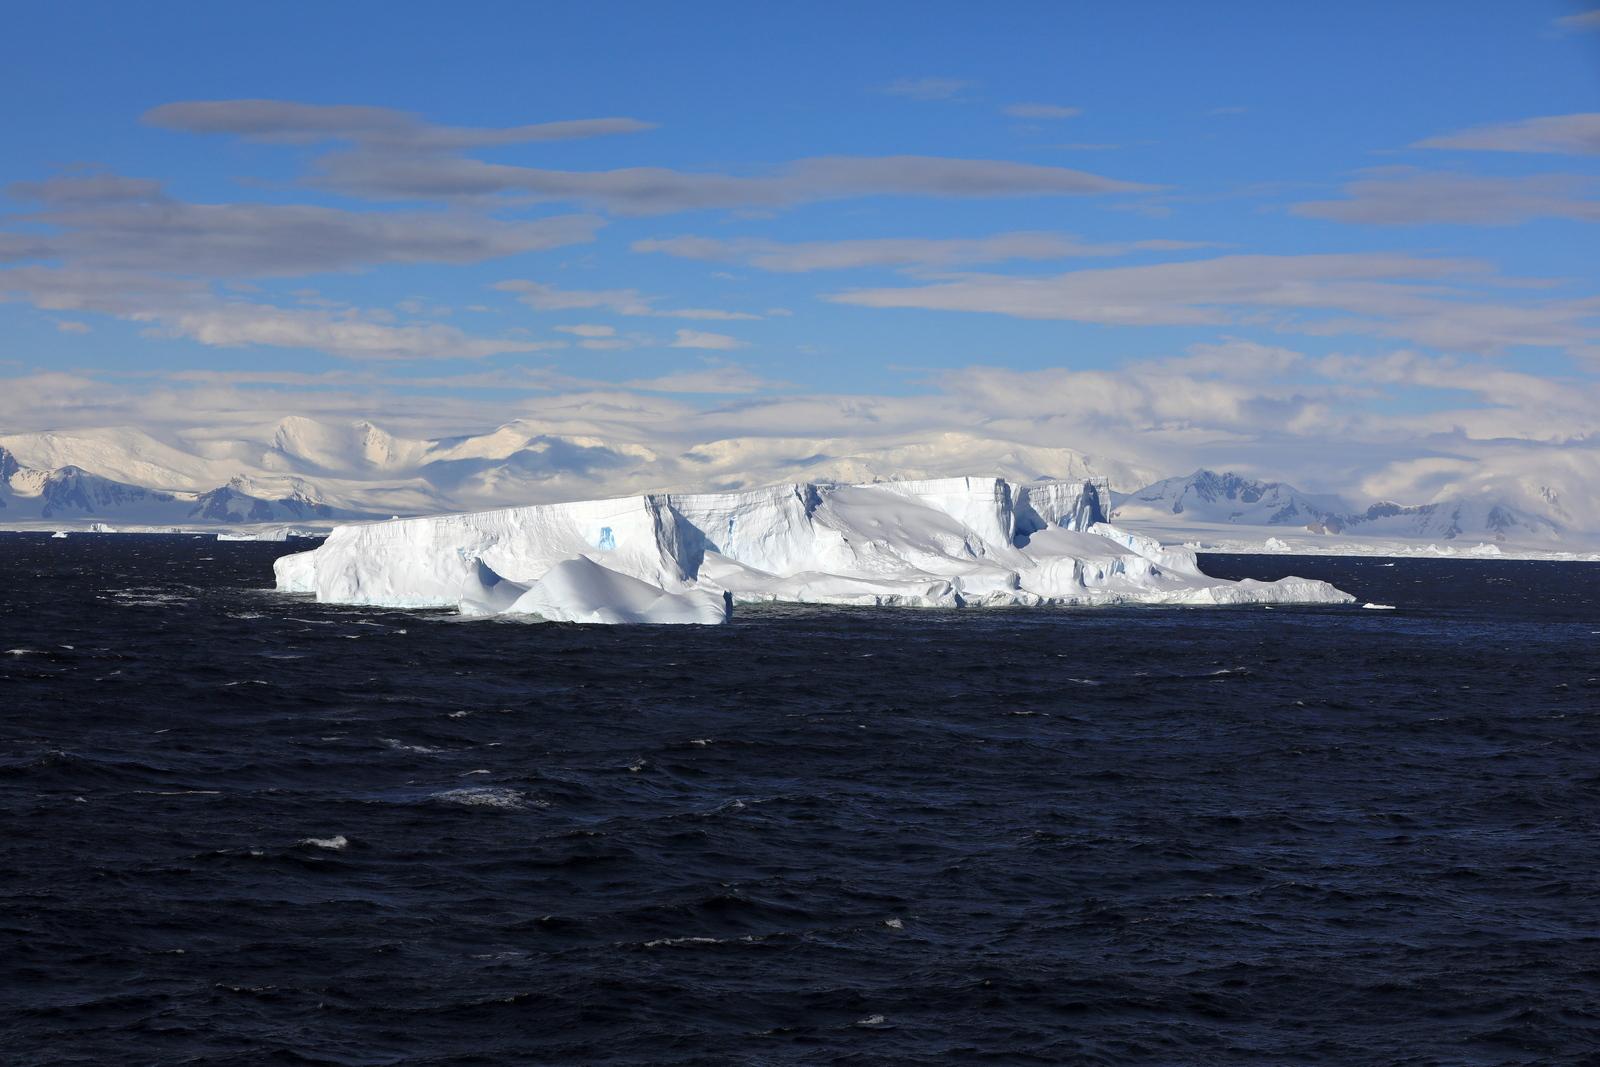 1702_Antarctique_02510_c_sm.jpg